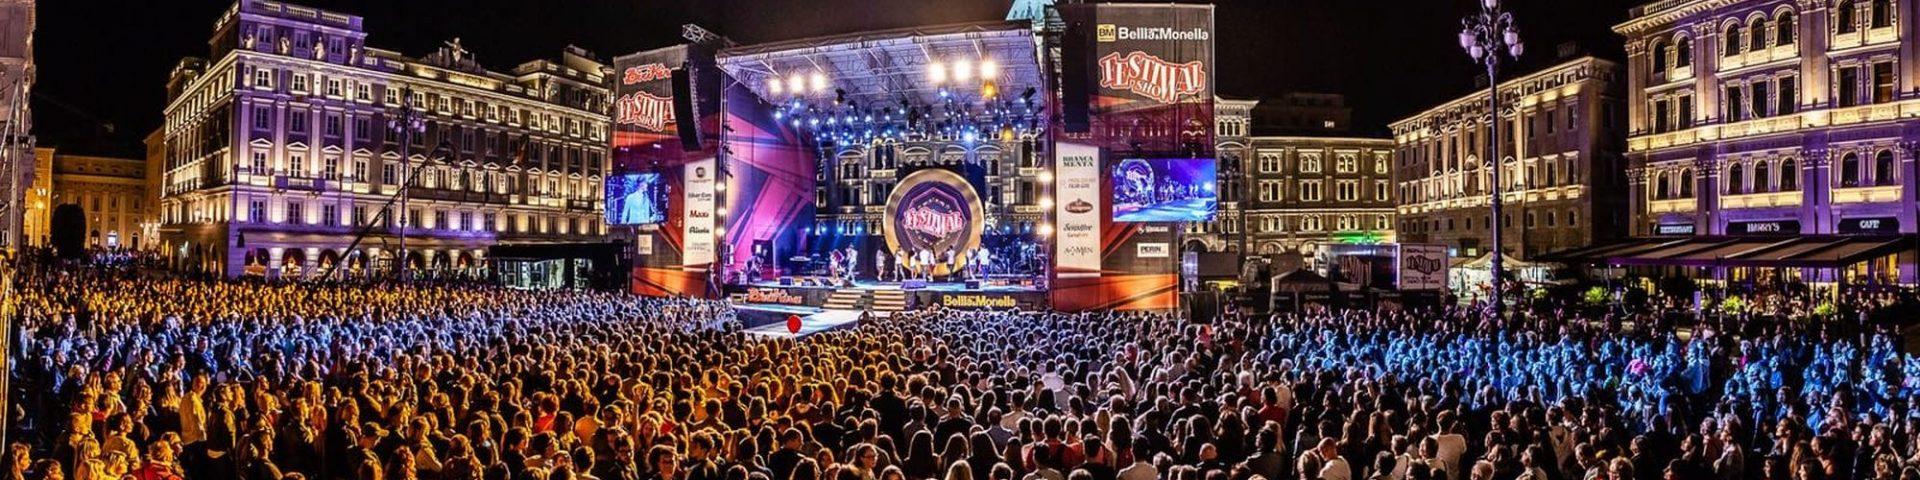 Festival Show 2019 a Chioggia - 6 luglio